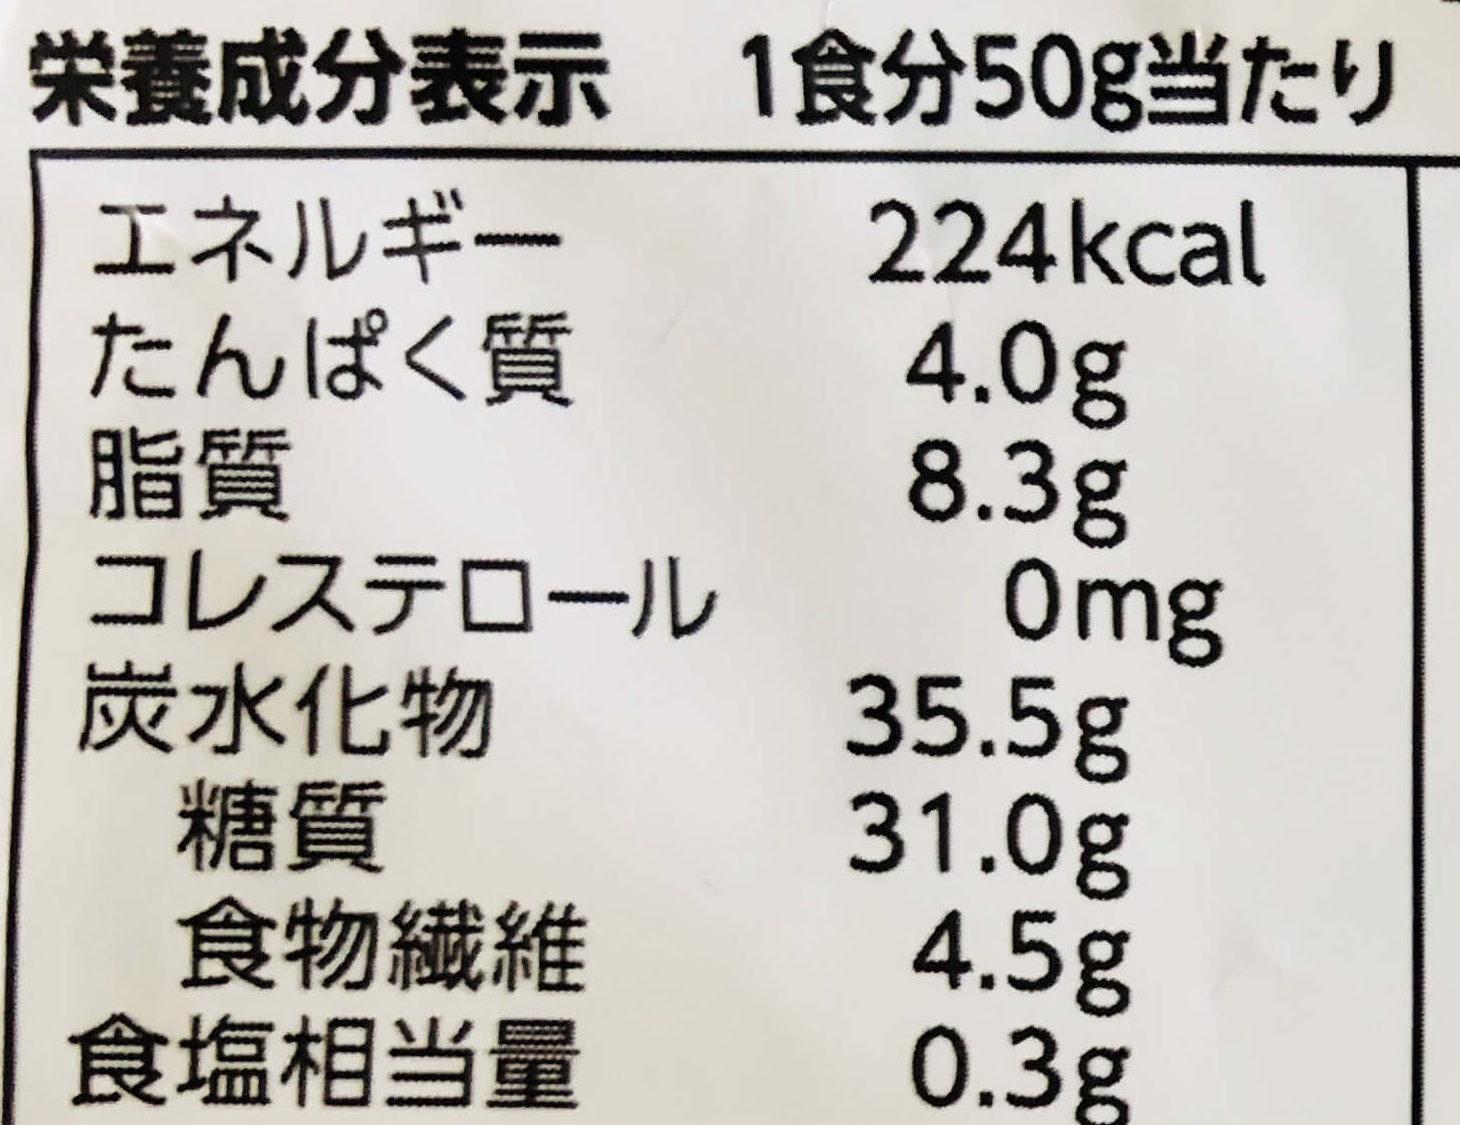 カルビーフルグラの栄養成分表